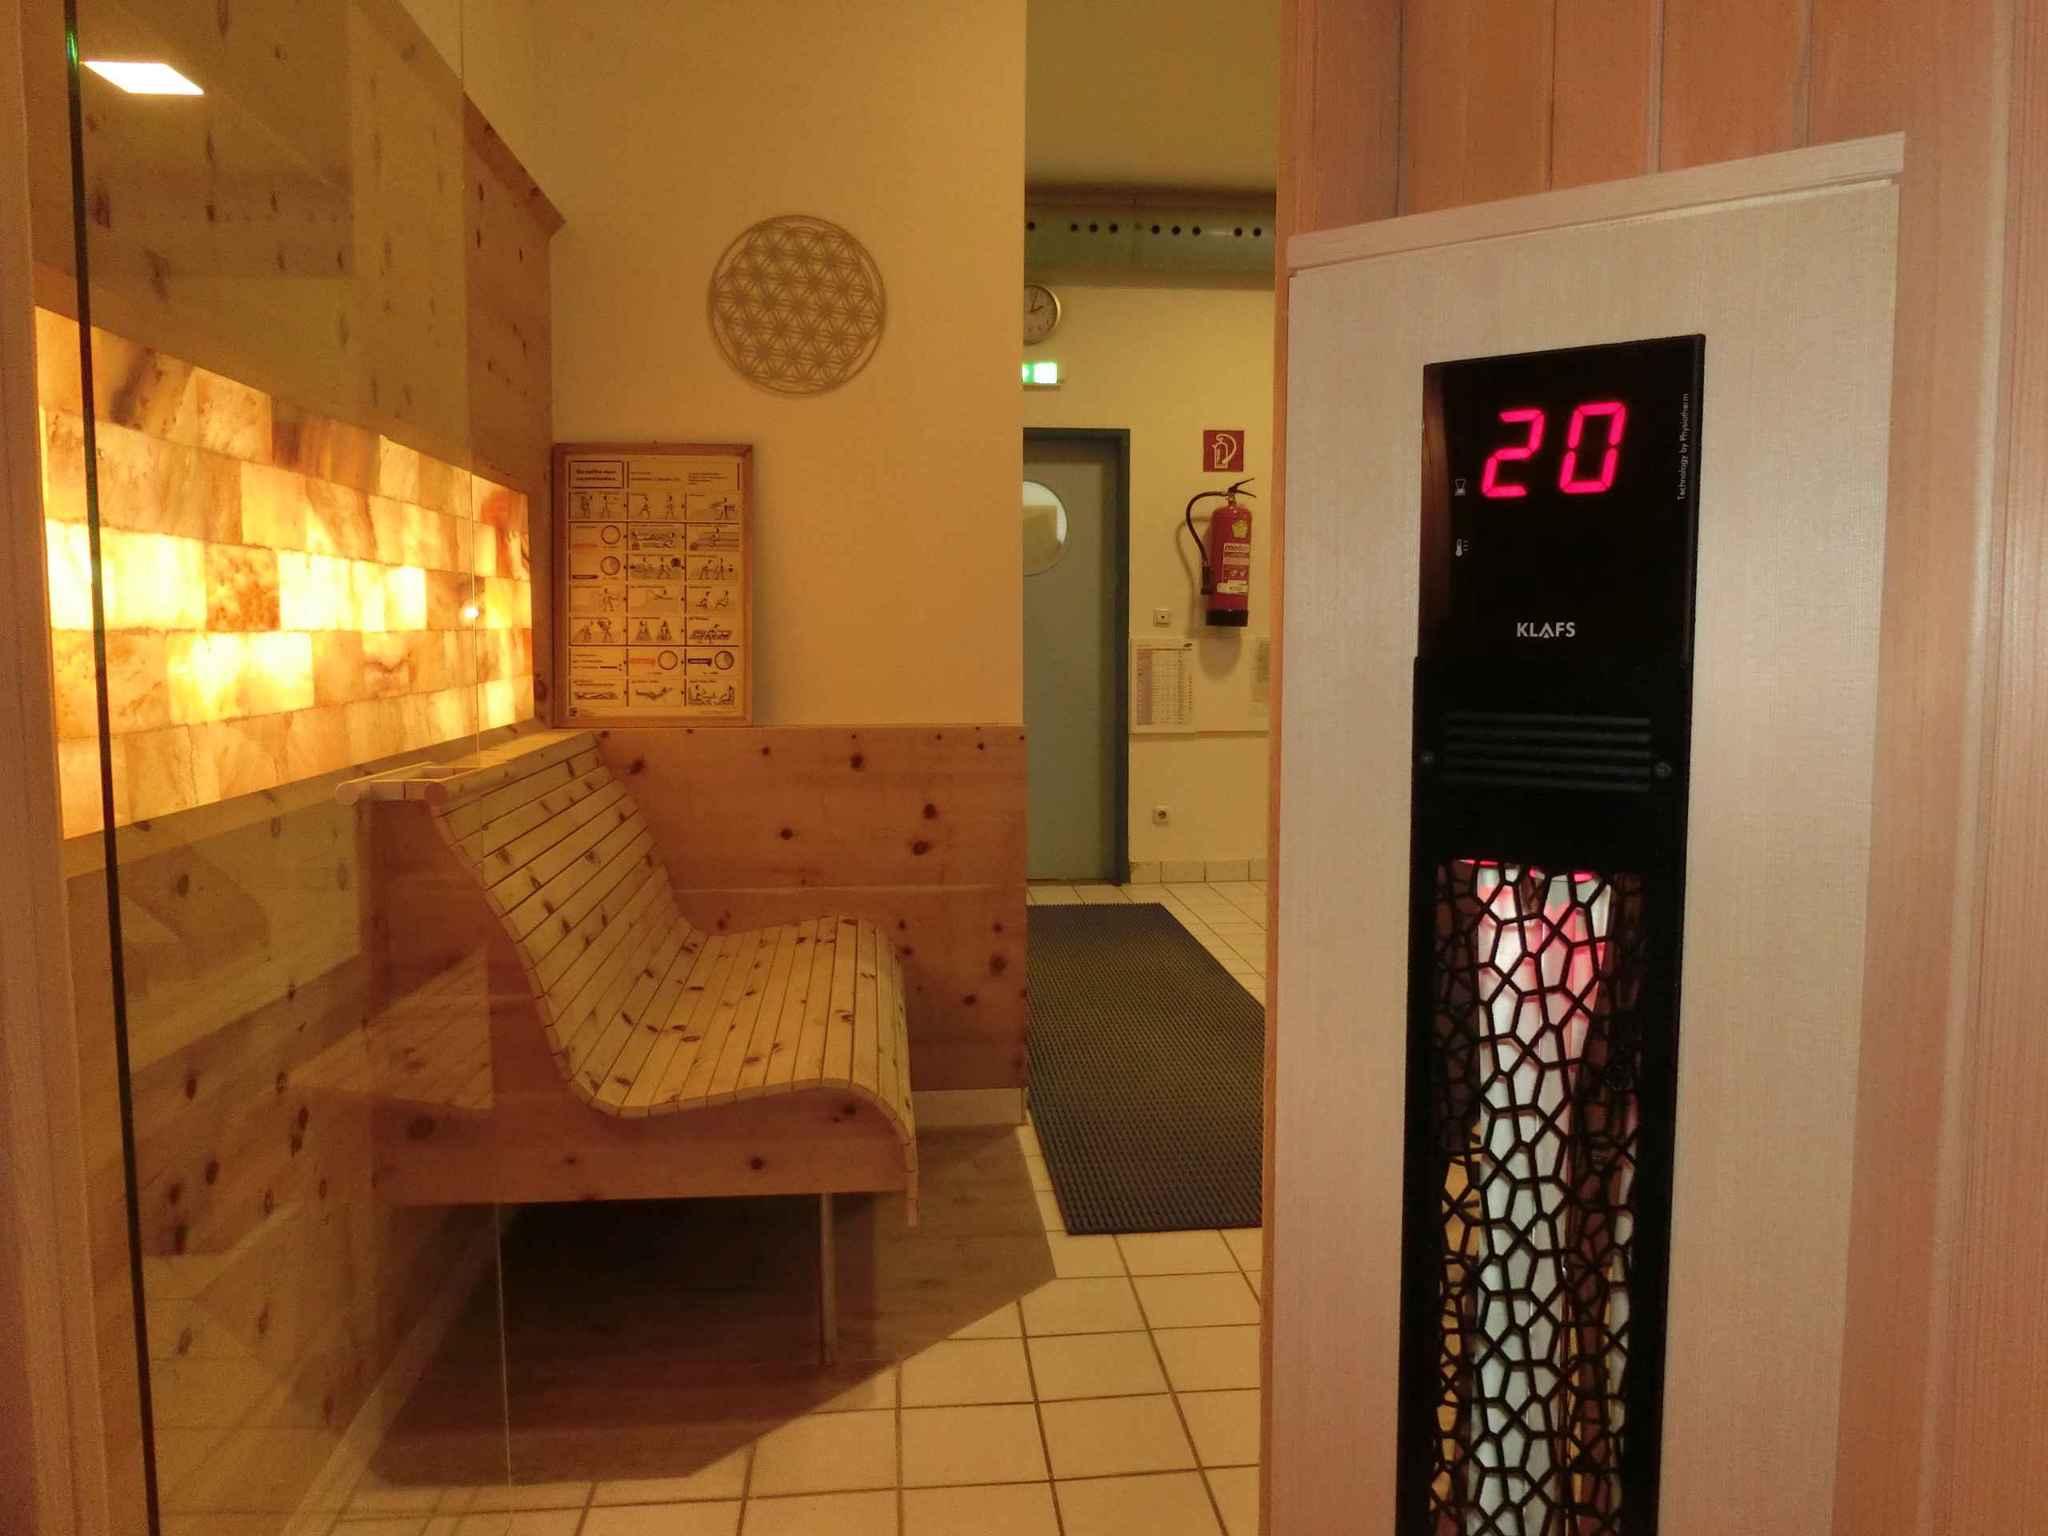 Ferienhaus im Thermal-Biodorf inkl. Wellness (430208), Bad Waltersdorf, Oststeiermark, Steiermark, Österreich, Bild 22